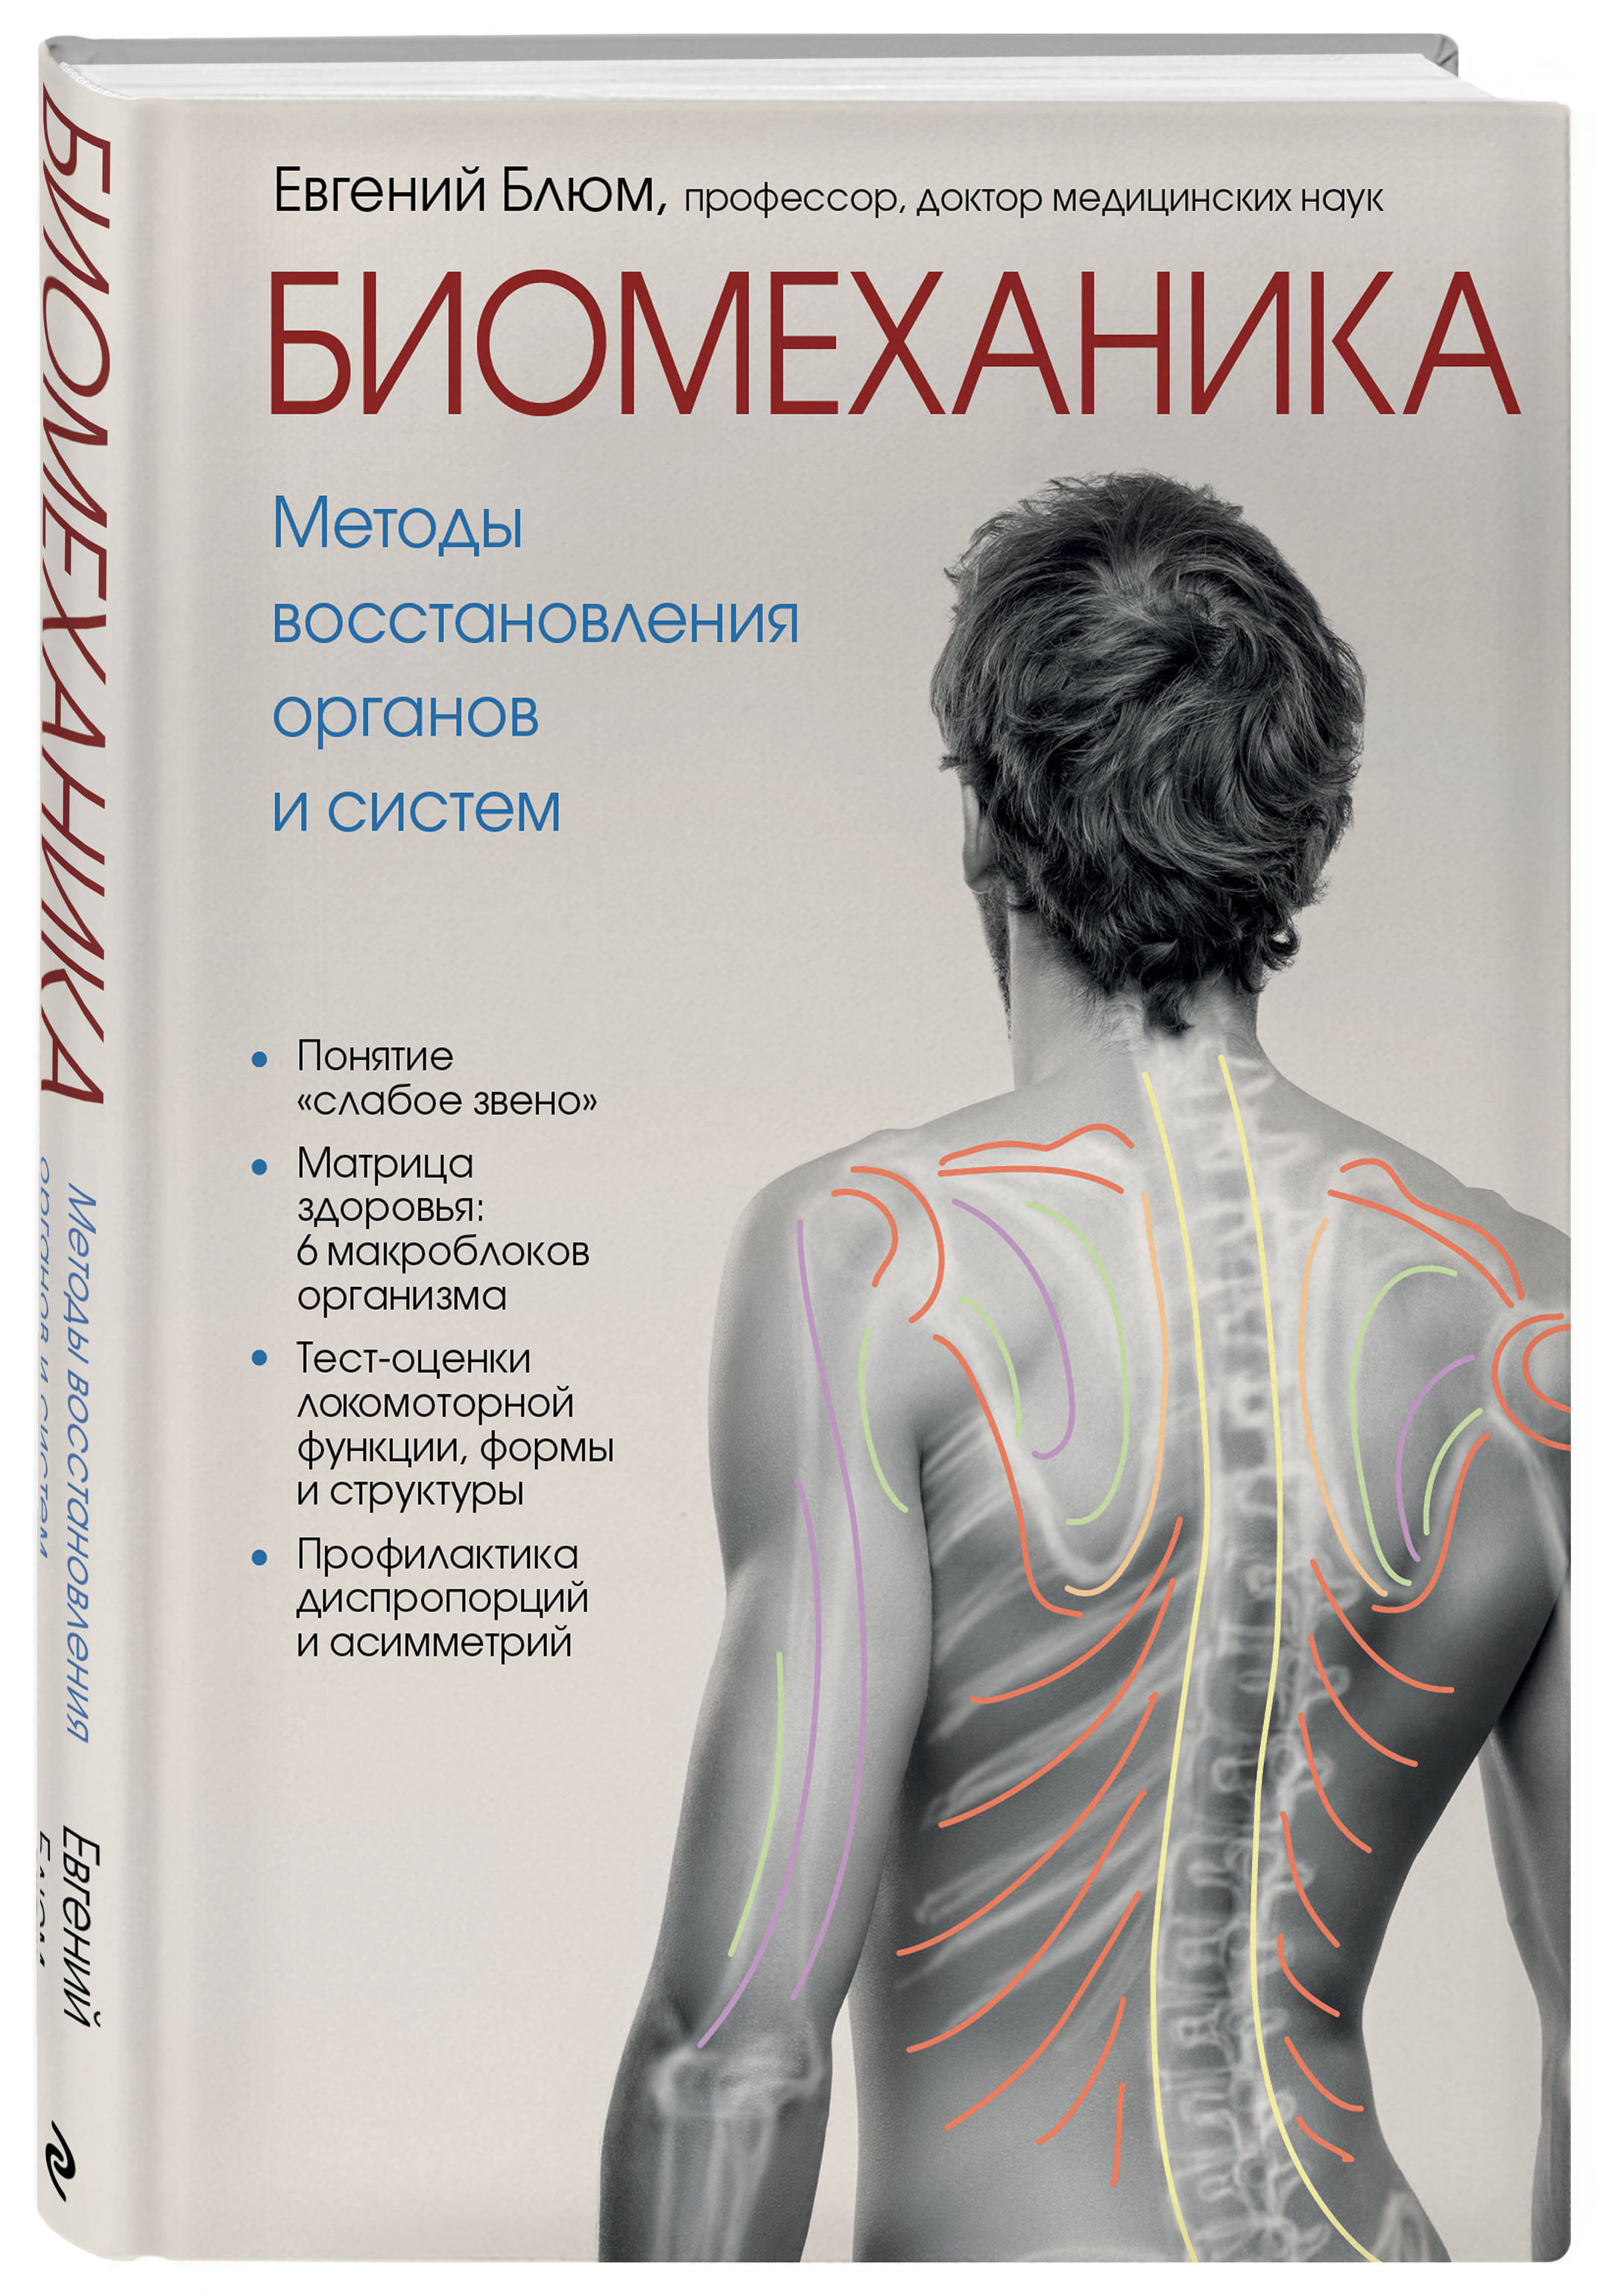 Биомеханика. Методы восстановления органов и систем ( Блюм Евгений Эвальевич  )